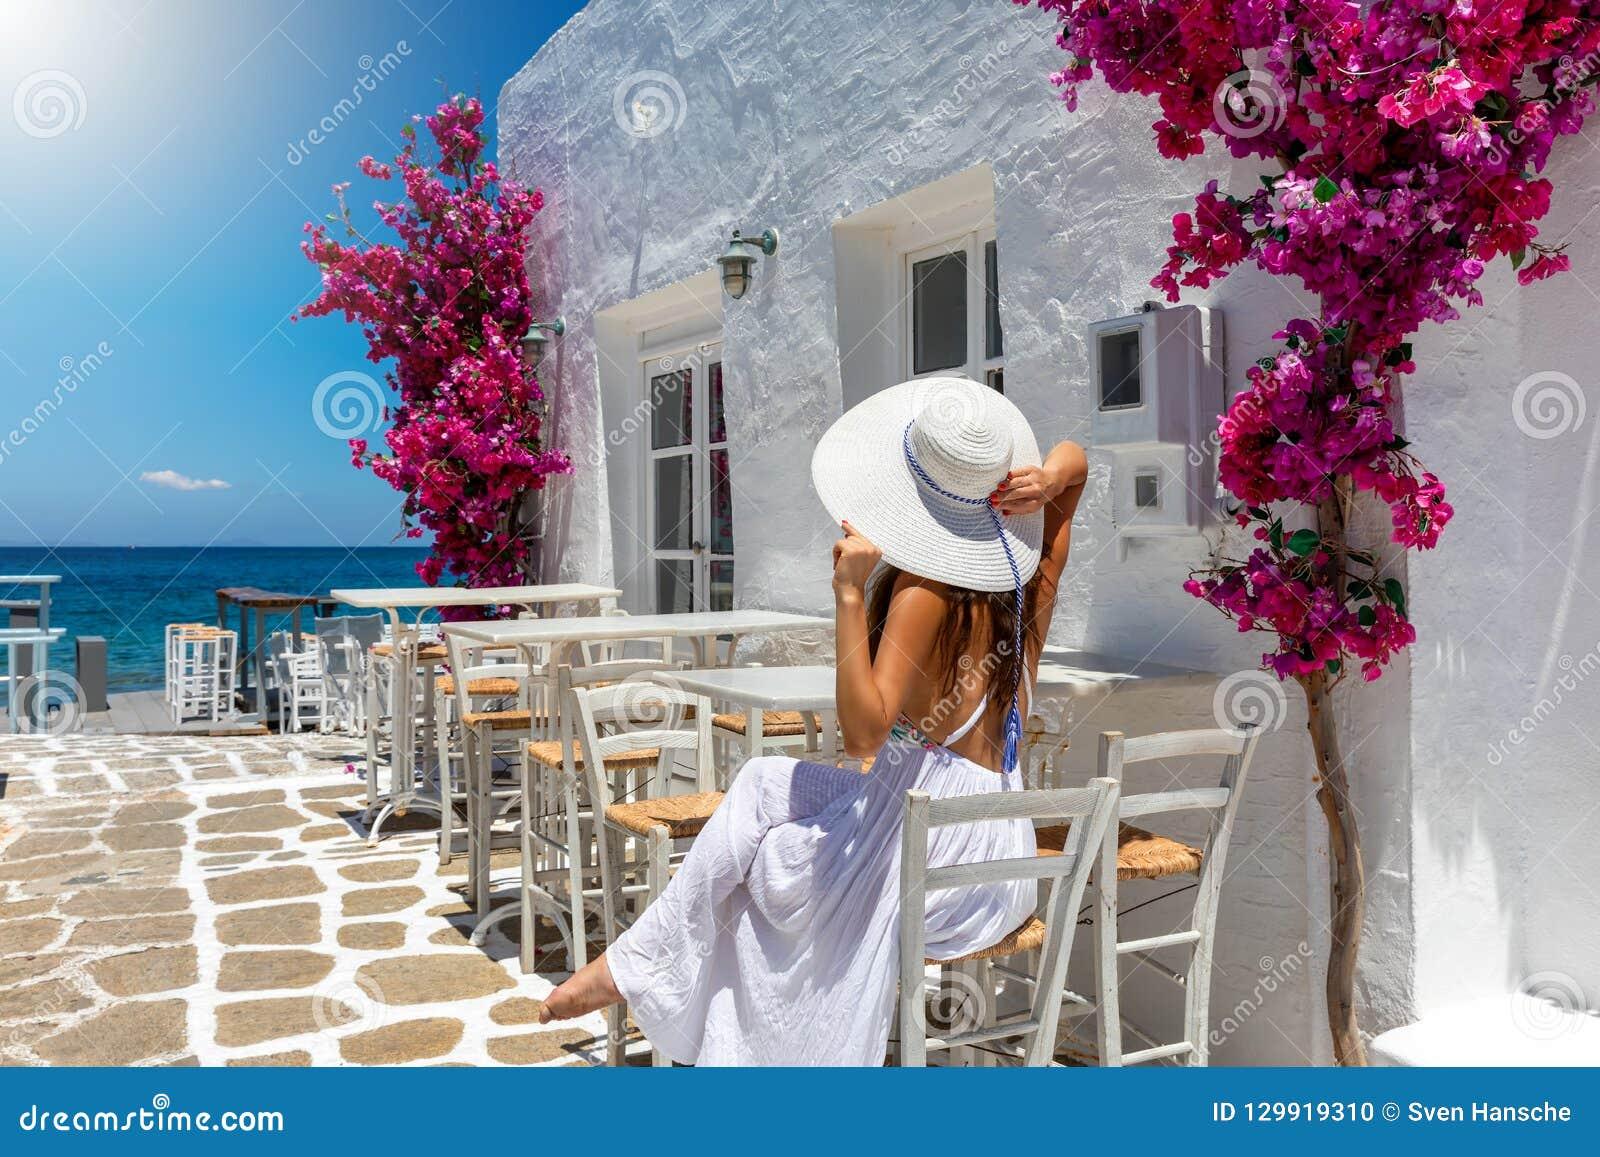 Frau genießt die Einstellung auf den die Kykladen-Inseln von Griechenland